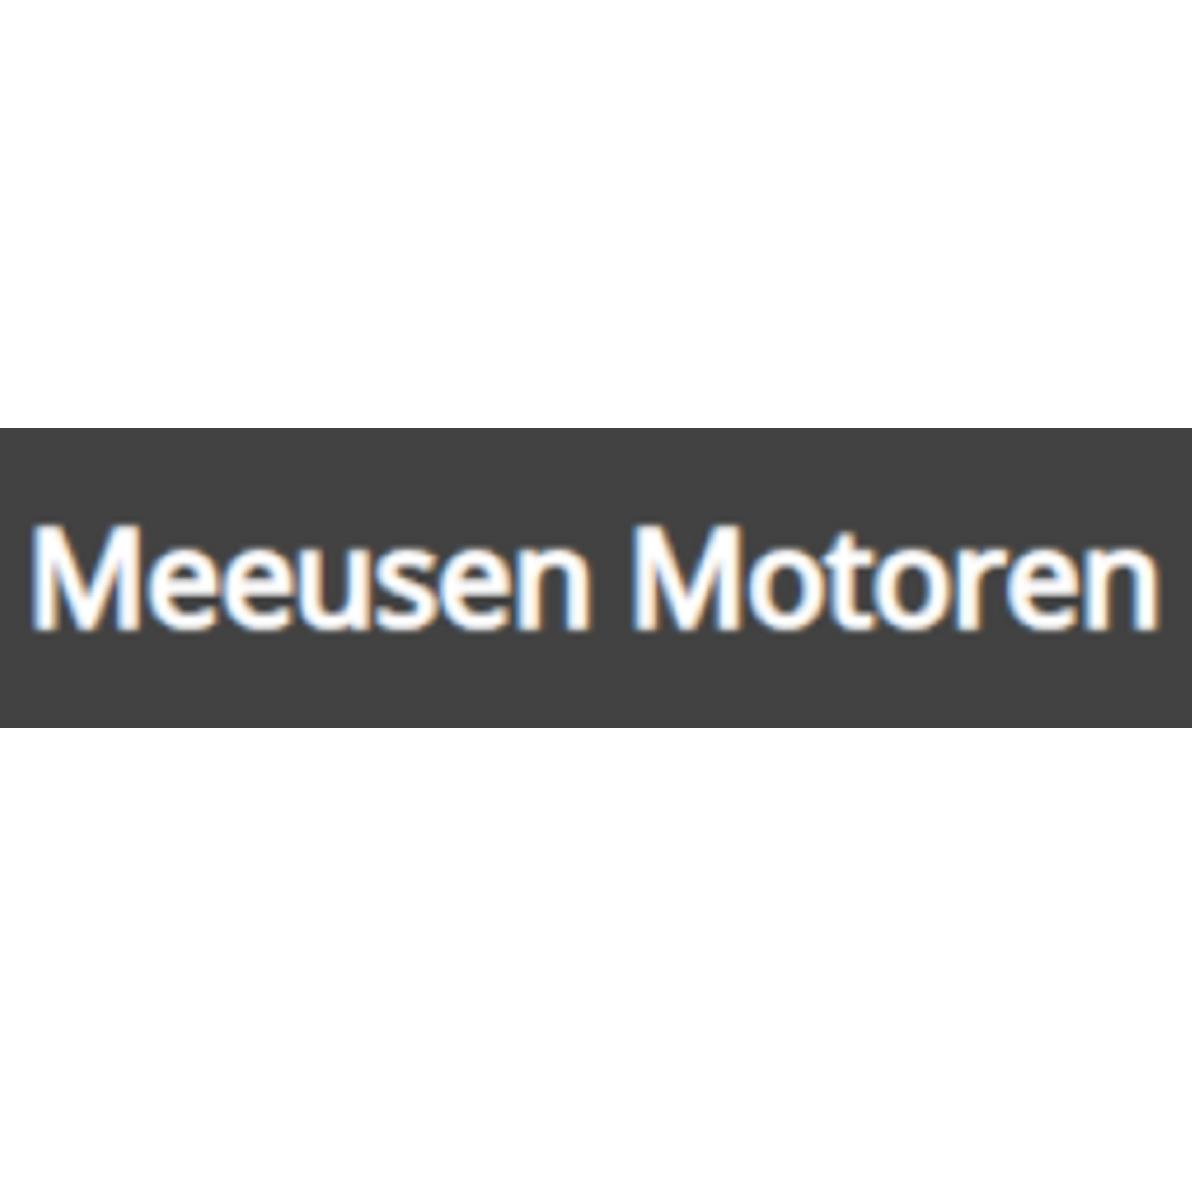 Meeusen Motoren Meerhout BMW